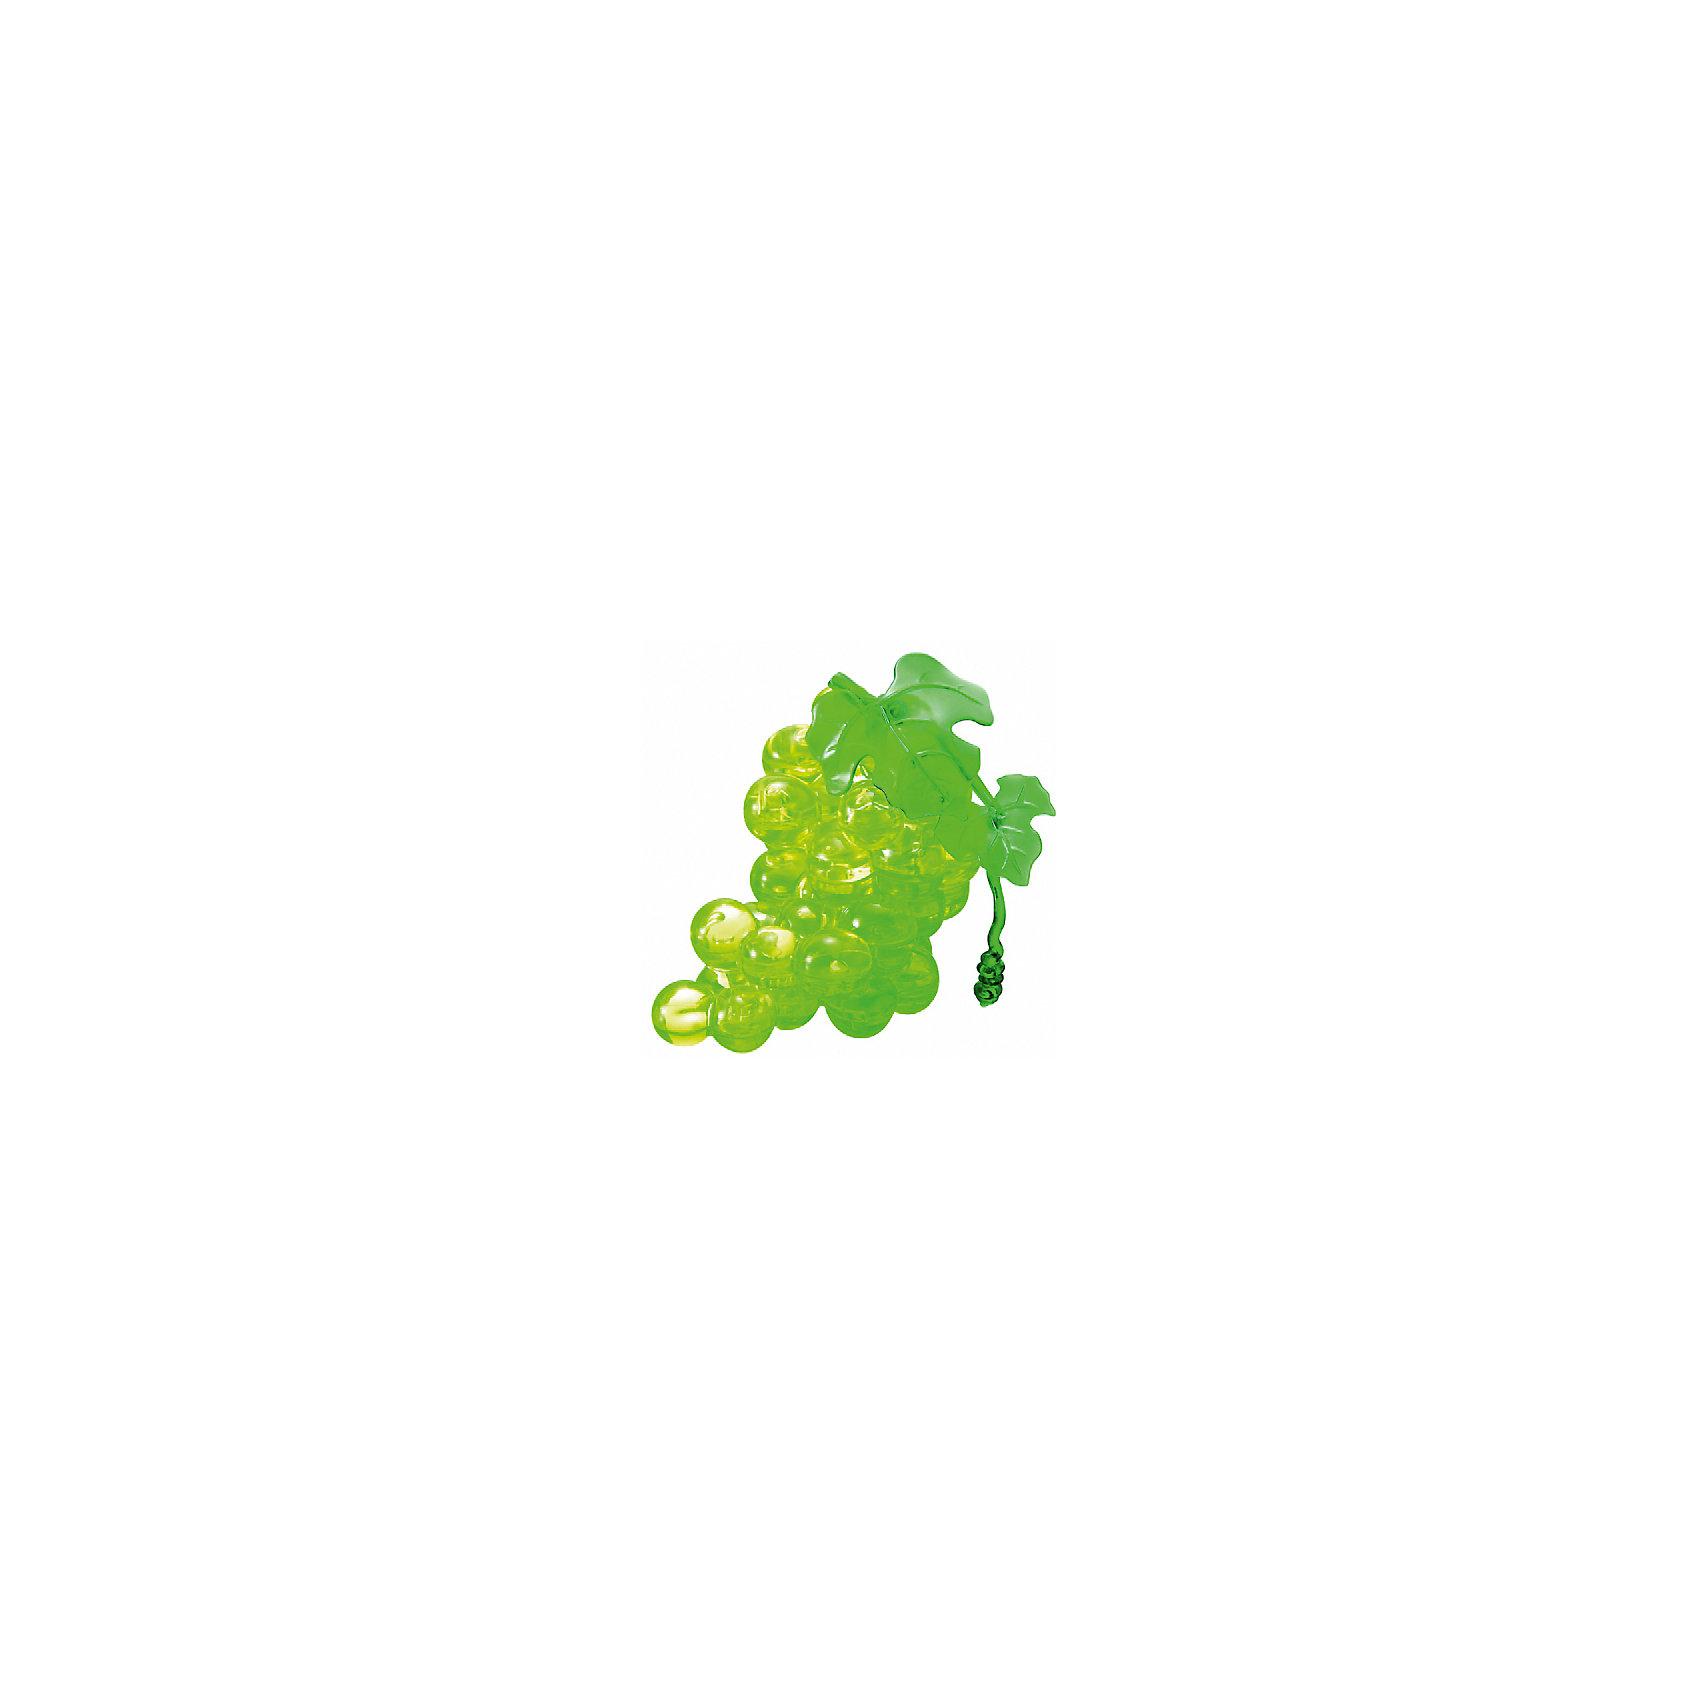 Кристаллический пазл 3D Зеленнный виноград, Crystal PuzzleКристаллический пазл 3D Зеленый виноград, Crystal Puzzle (Кристал Пазл)<br><br>Характеристики:<br><br>• яркий объемный пазл<br>• размер готовой фигурки: 9 см<br>• количество деталей: 46<br>• высокая сложность<br>• размер упаковки: 5х14х10 см<br>• вес: 185 грамм<br>• материал: пластик<br><br>Вам действительно придется постараться, чтобы собрать реалистичную гроздь винограда из 3D пазлов. Заядлые любители головоломок могут попробовать справиться с этой задачей самостоятельно, а новичкам придет на помощь подробная инструкция. Фигурка порадует вас своей красотой и сиянием и займет достойное место на полке. Кроме того, собирание пазлов поможет в развитии внимательности, мелкой моторики, логического и пространственного мышления.<br><br>Кристаллический пазл 3D Зеленый виноград, Crystal Puzzle (Кристал Пазл) вы можете купить в нашем интернет-магазине.<br><br>Ширина мм: 100<br>Глубина мм: 140<br>Высота мм: 50<br>Вес г: 185<br>Возраст от месяцев: 120<br>Возраст до месяцев: 2147483647<br>Пол: Унисекс<br>Возраст: Детский<br>SKU: 5397243